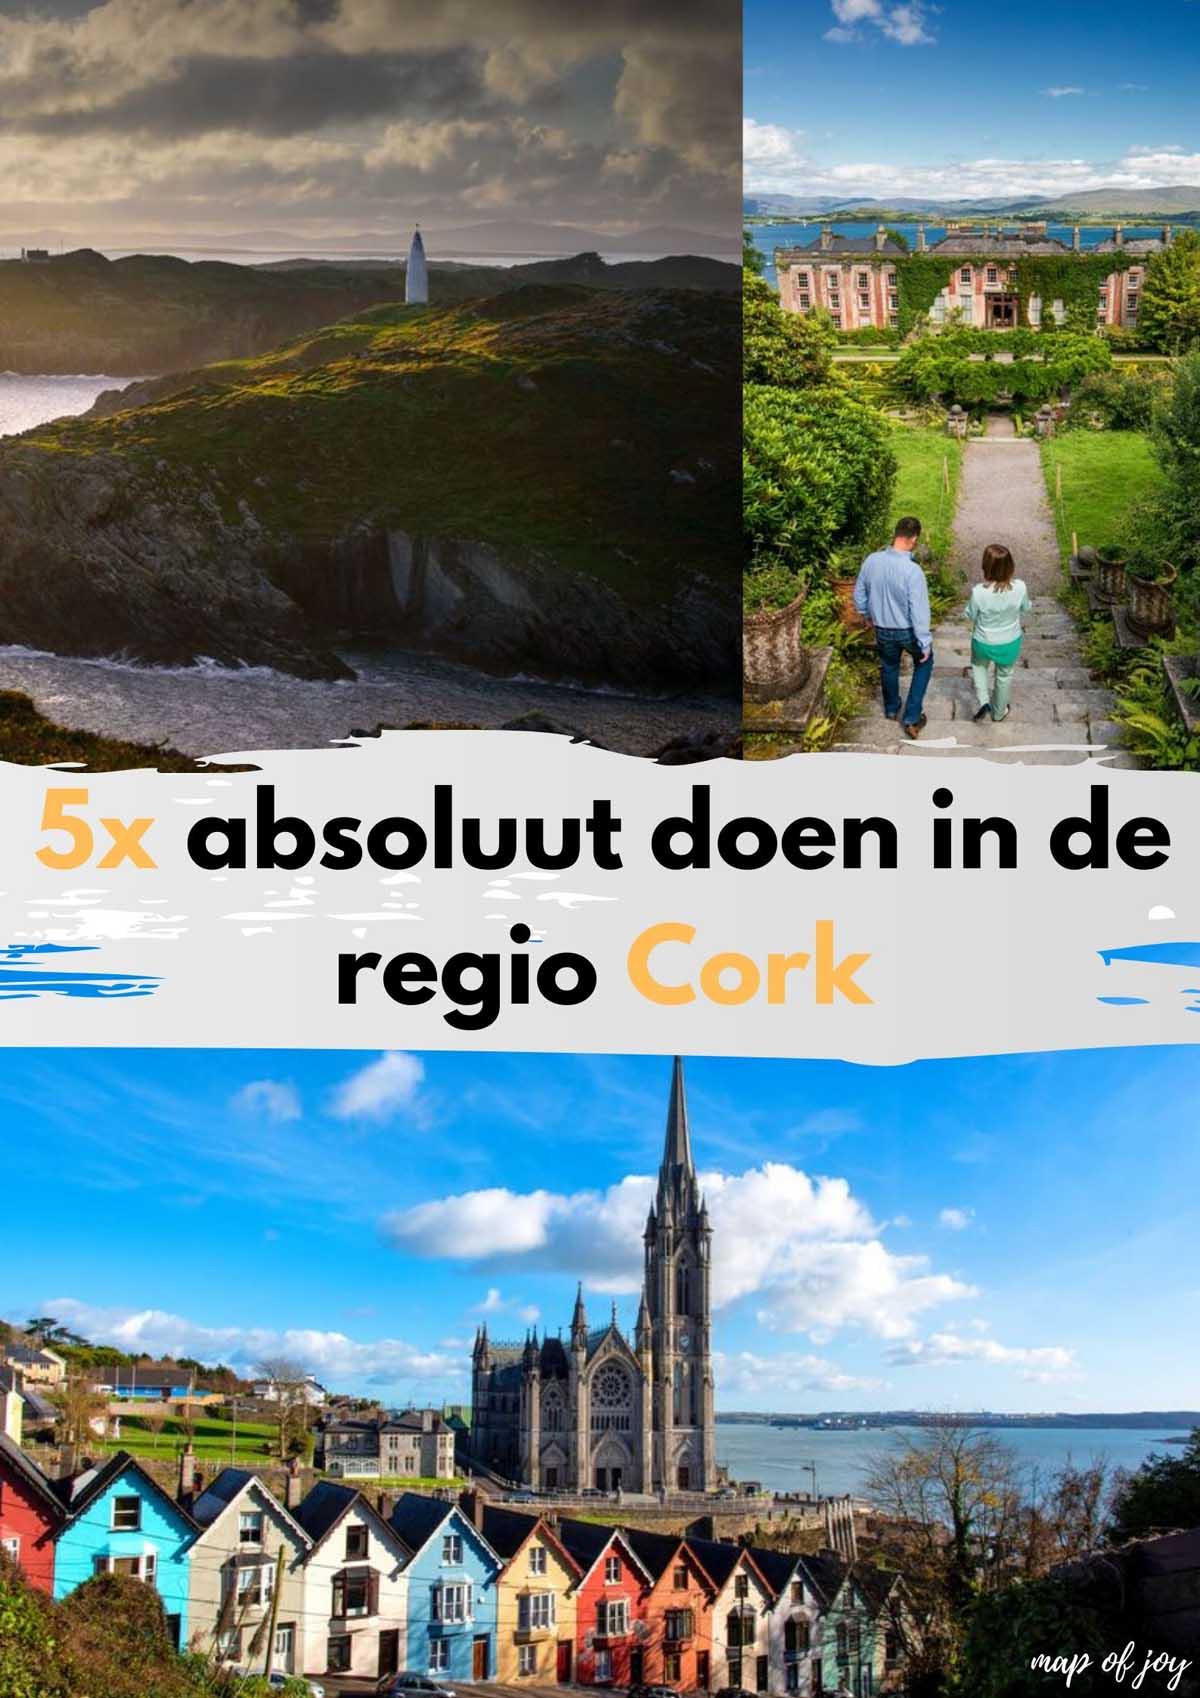 de leukste dingen om te doen in de regio Cork Ierland